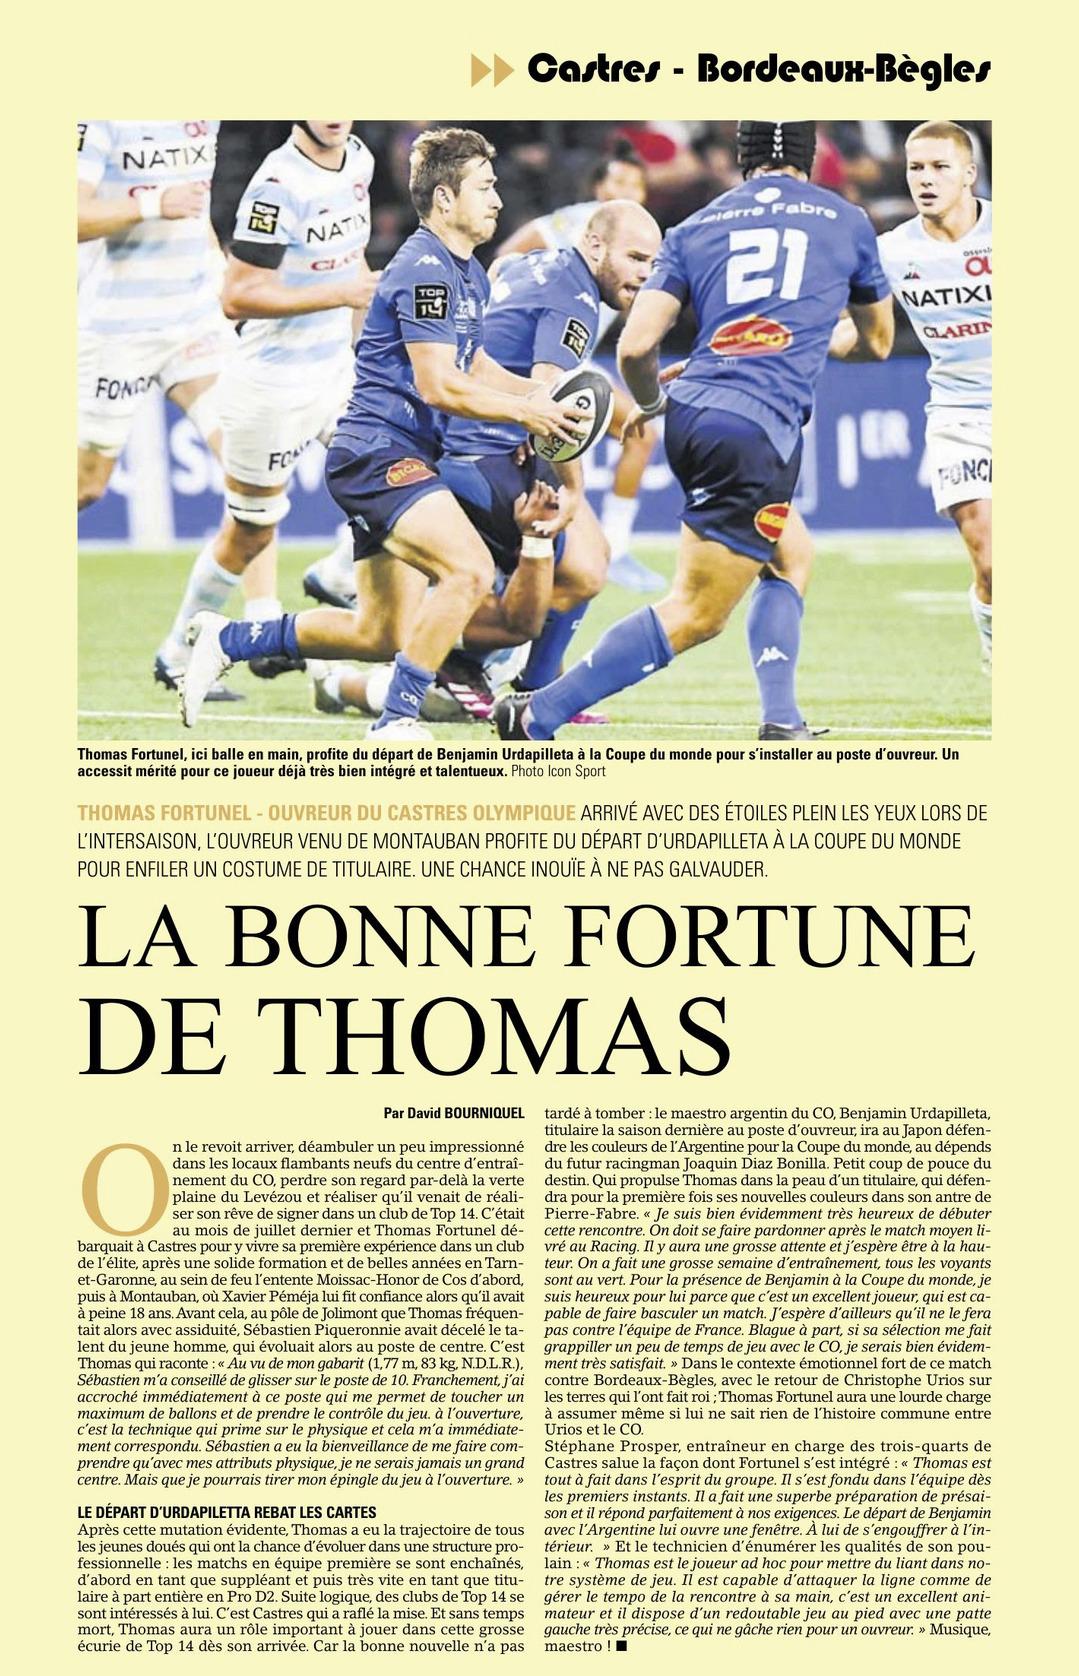 Top14 - 3ème journée : Castres / UBB - Page 4 Captu129